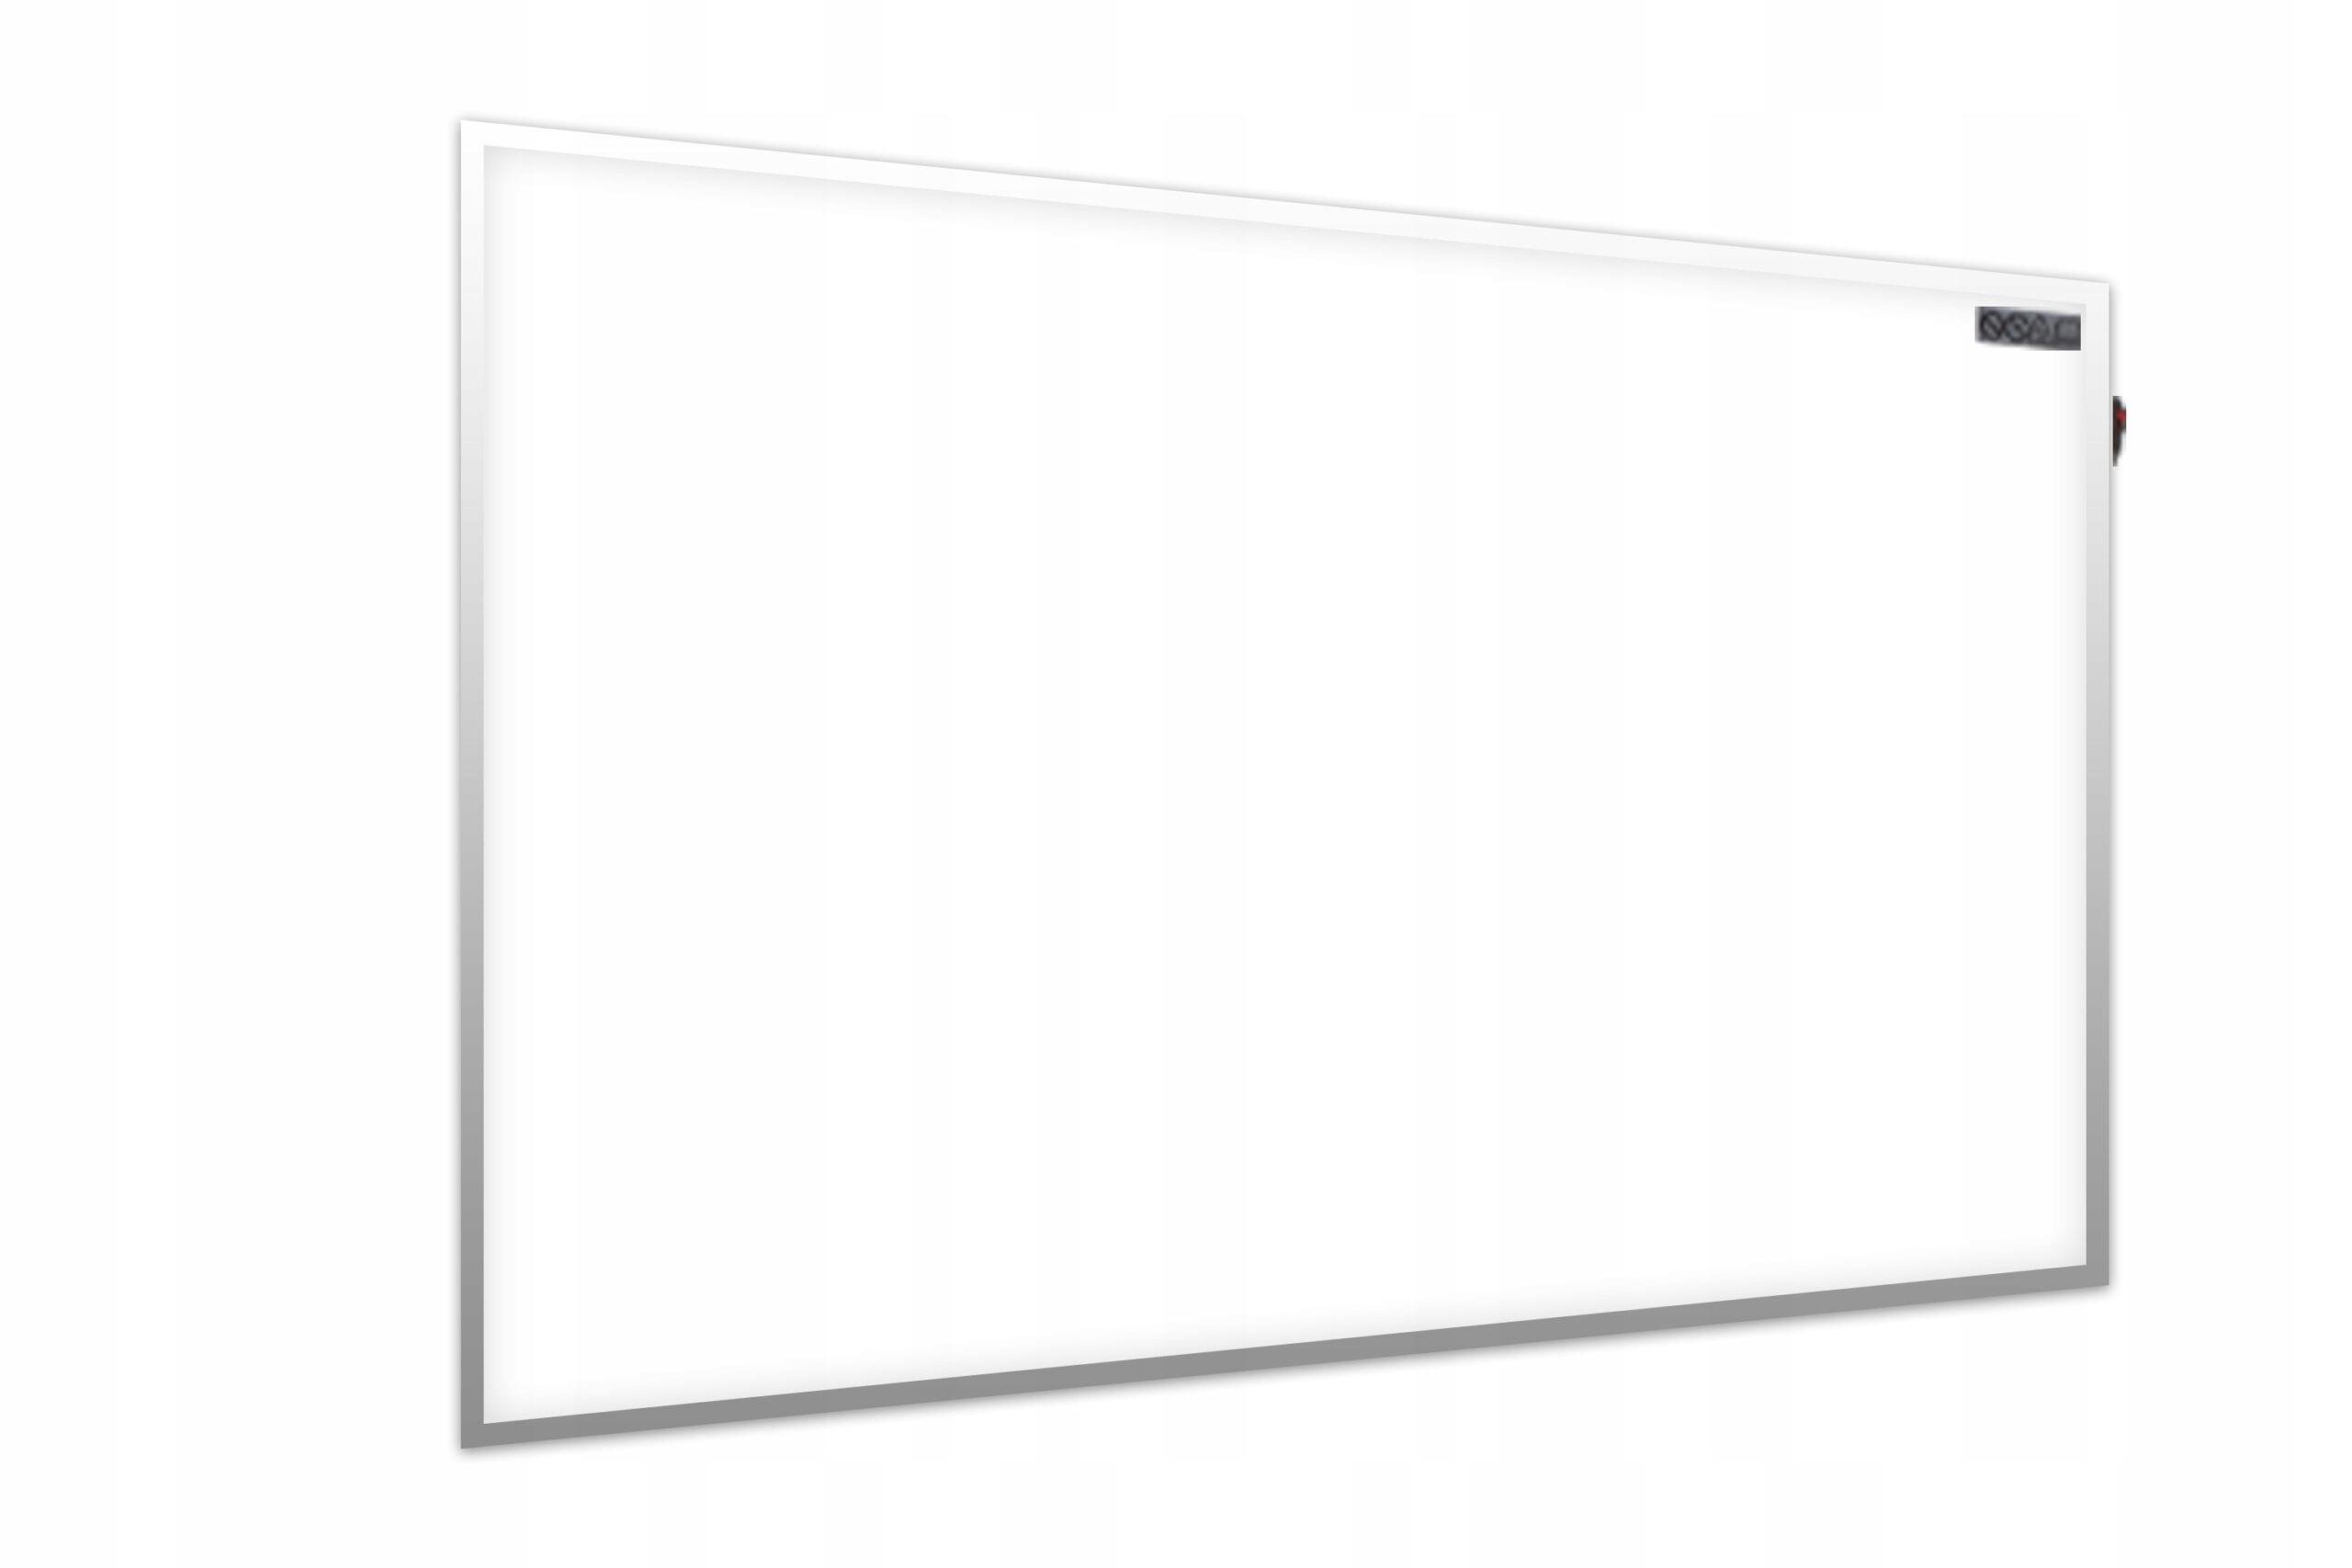 Инфракрасная нагревательная панель 700W WHITE FRAME